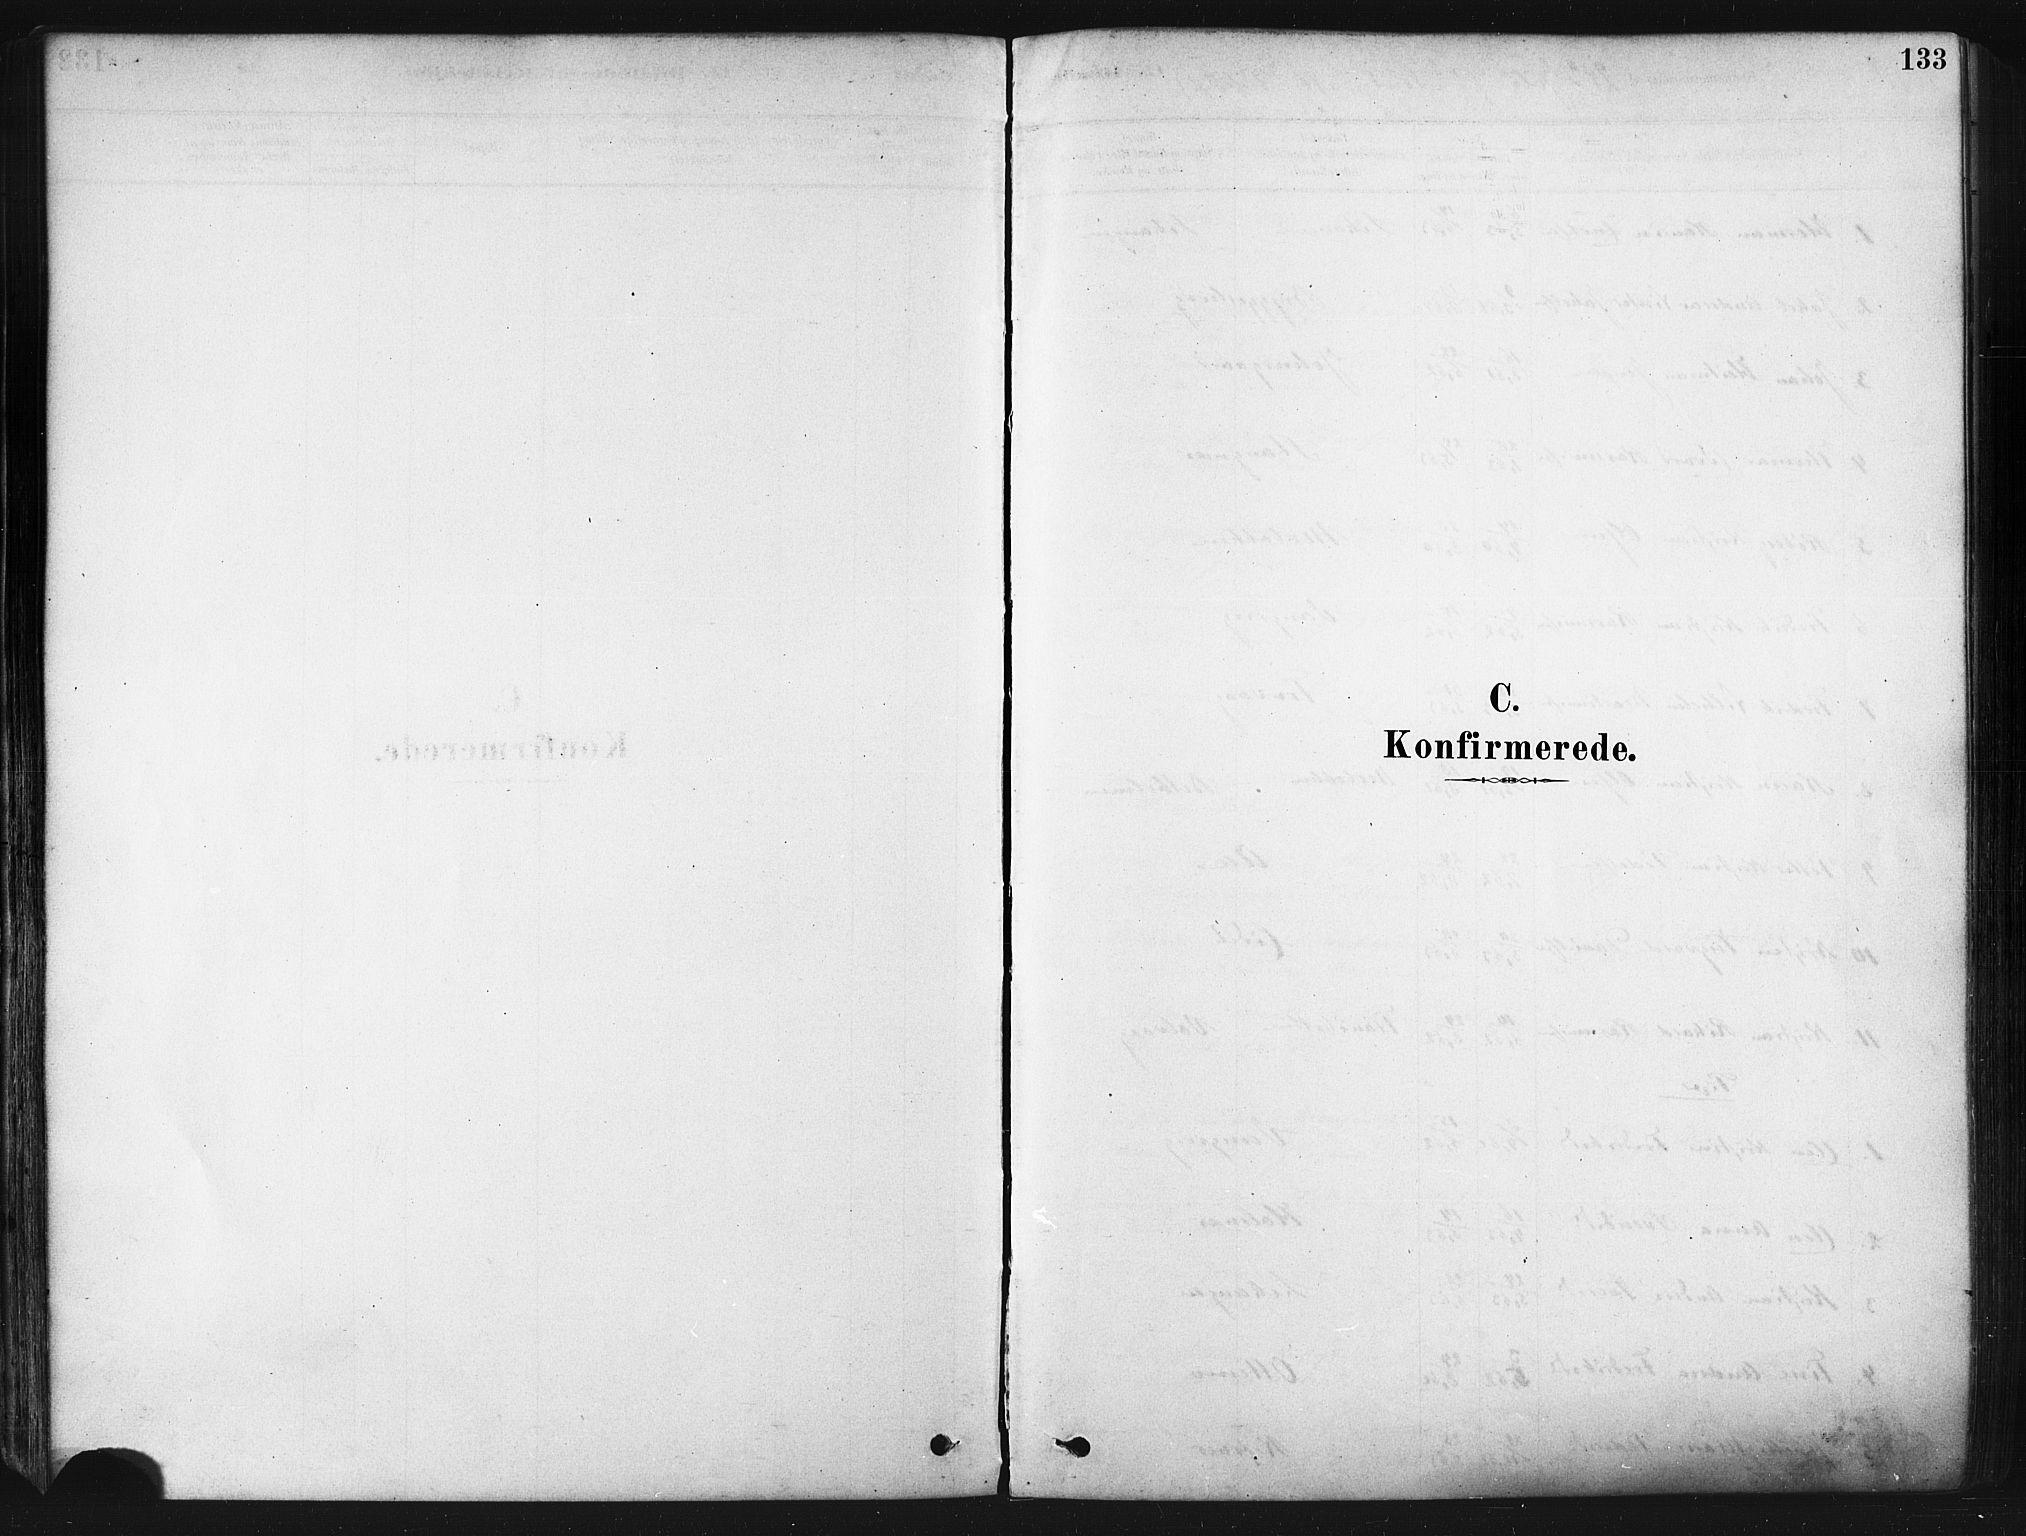 SATØ, Tranøy sokneprestkontor, I/Ia/Iaa/L0009kirke: Parish register (official) no. 9, 1878-1904, p. 133